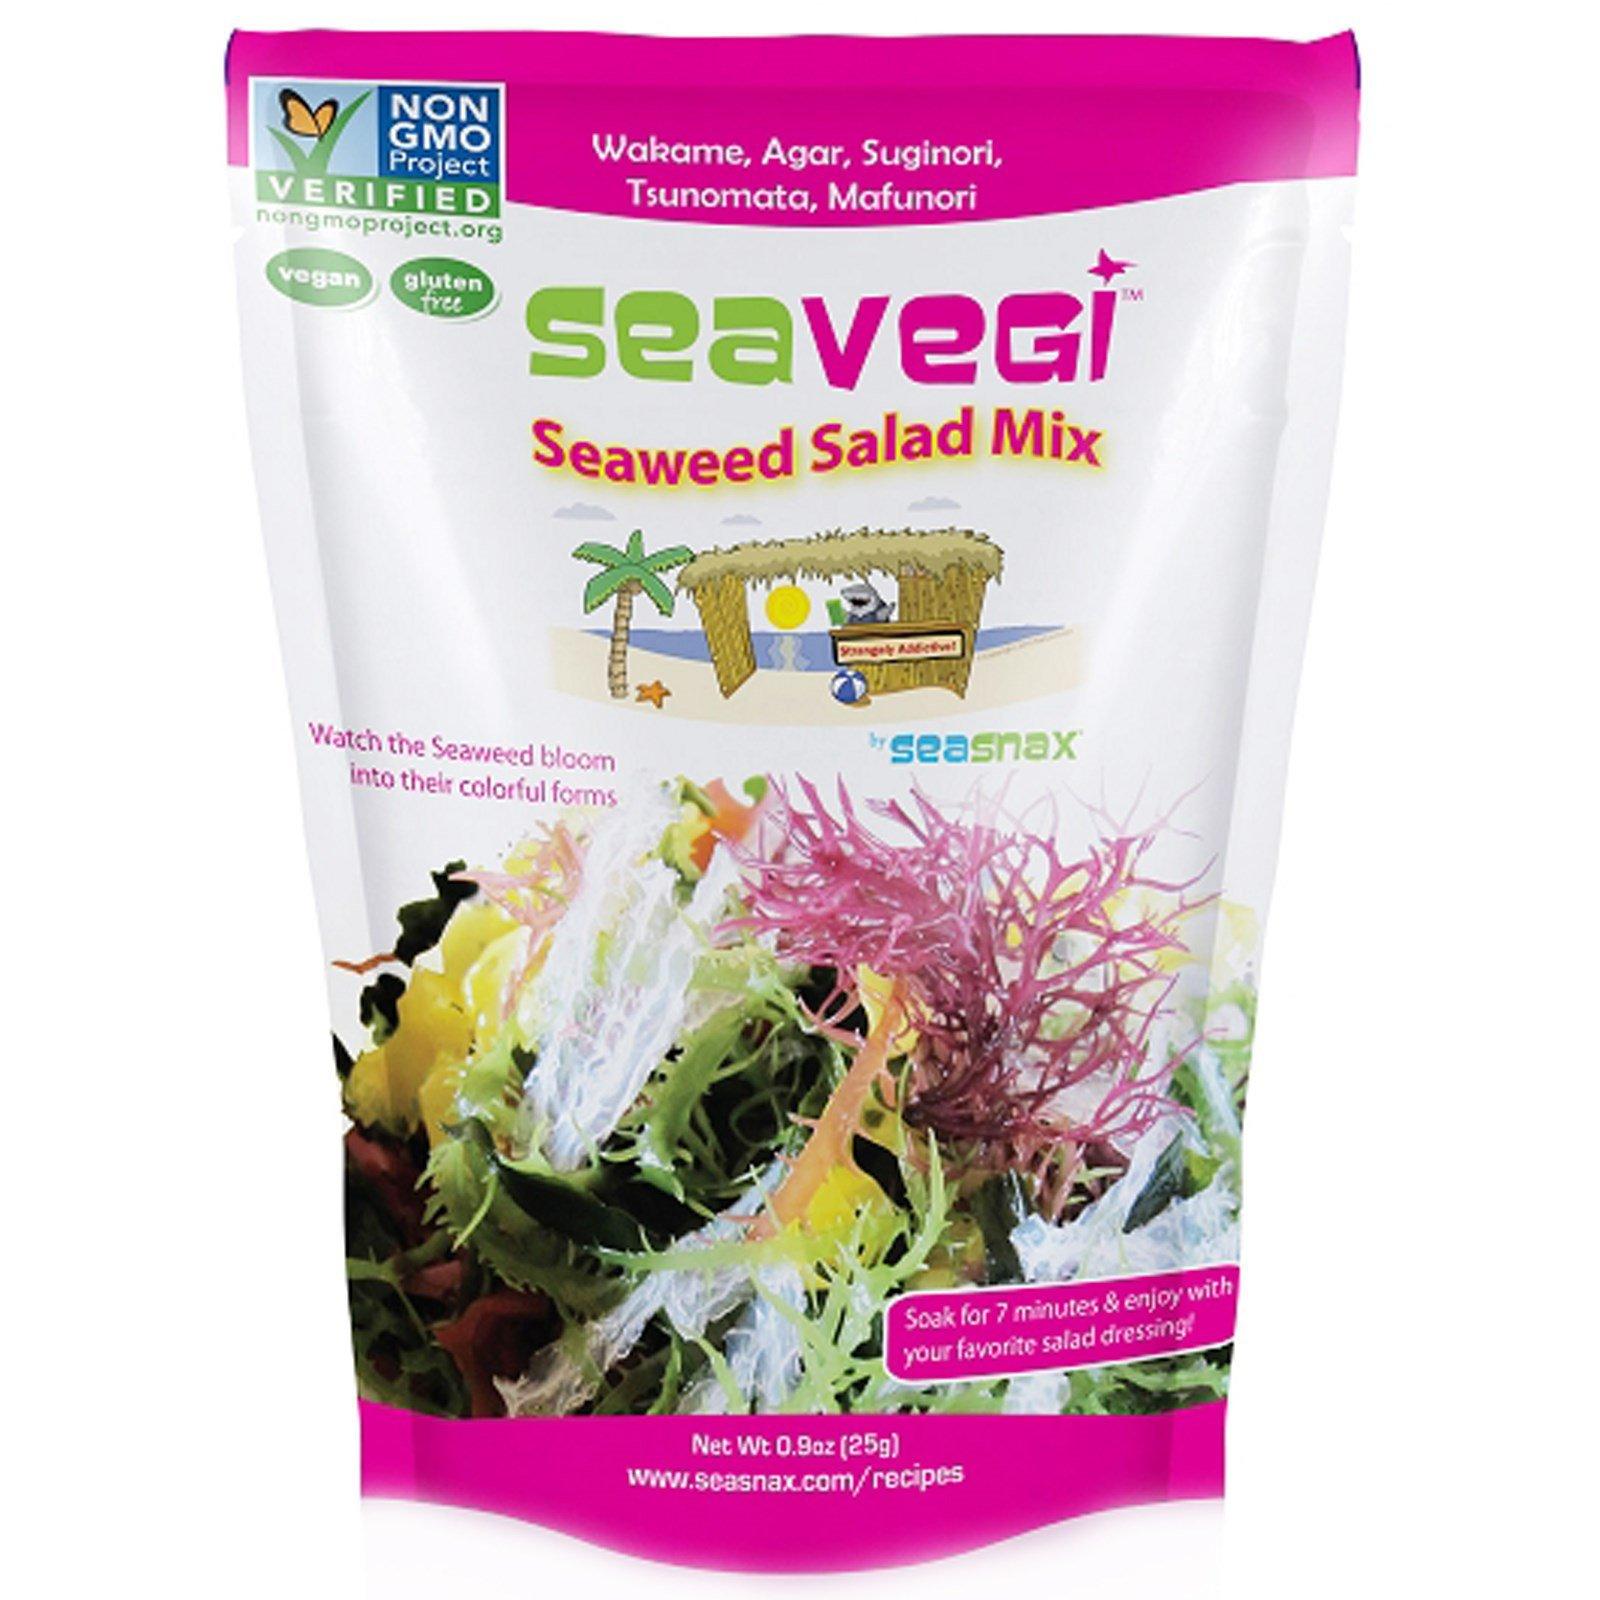 SeaSnax SeaVegi Seaweed Salad Mix -- 0.9 oz